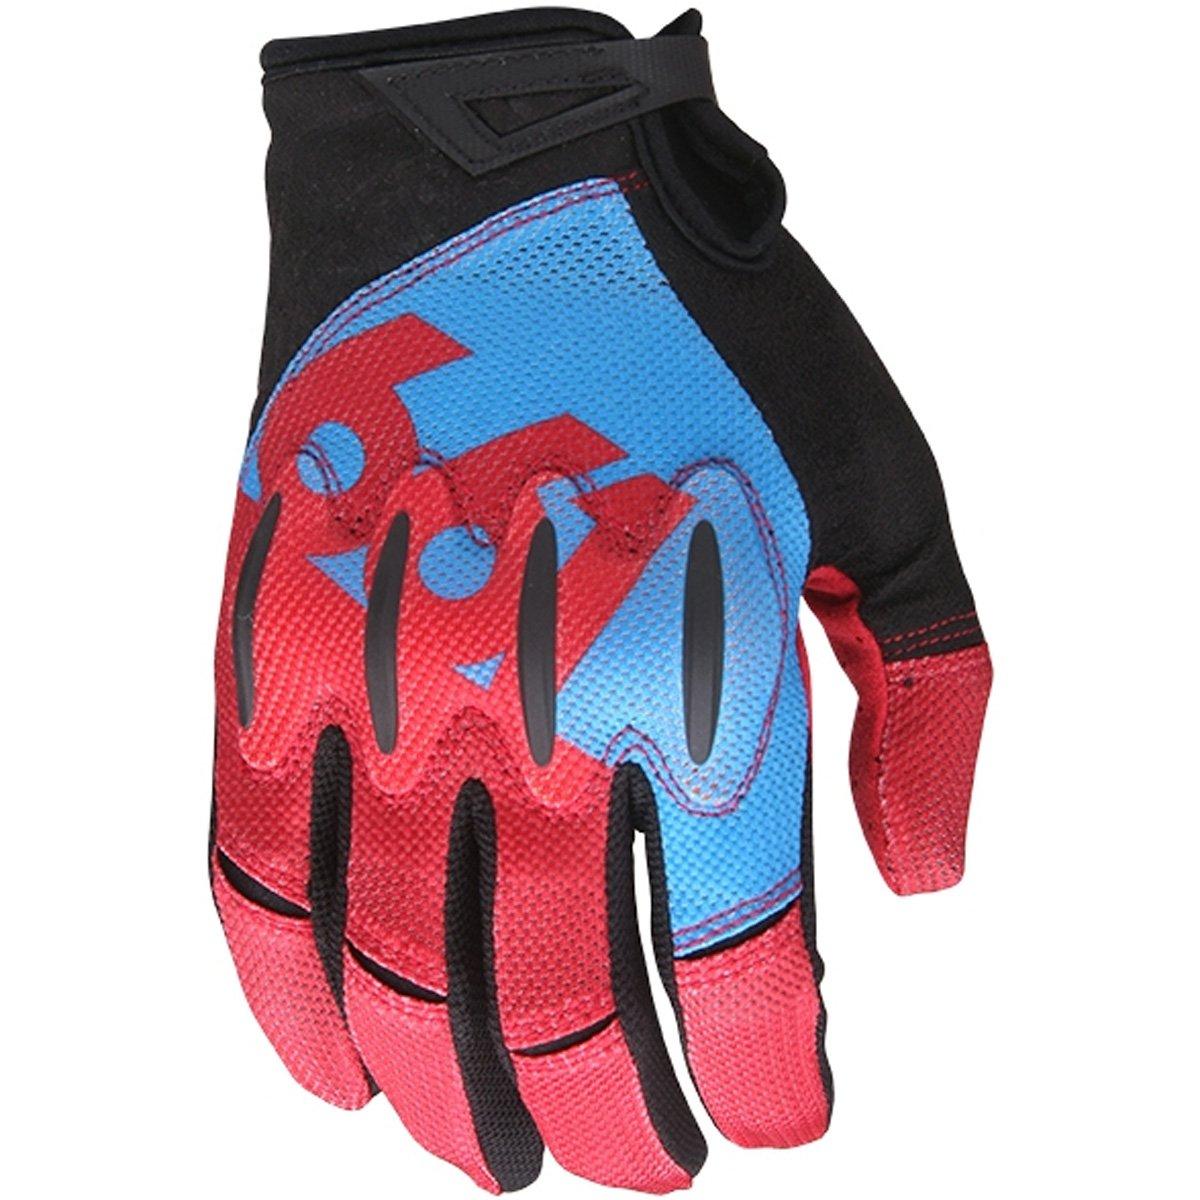 SixSixOne Handschuhe Evo II Blau Gr. XS